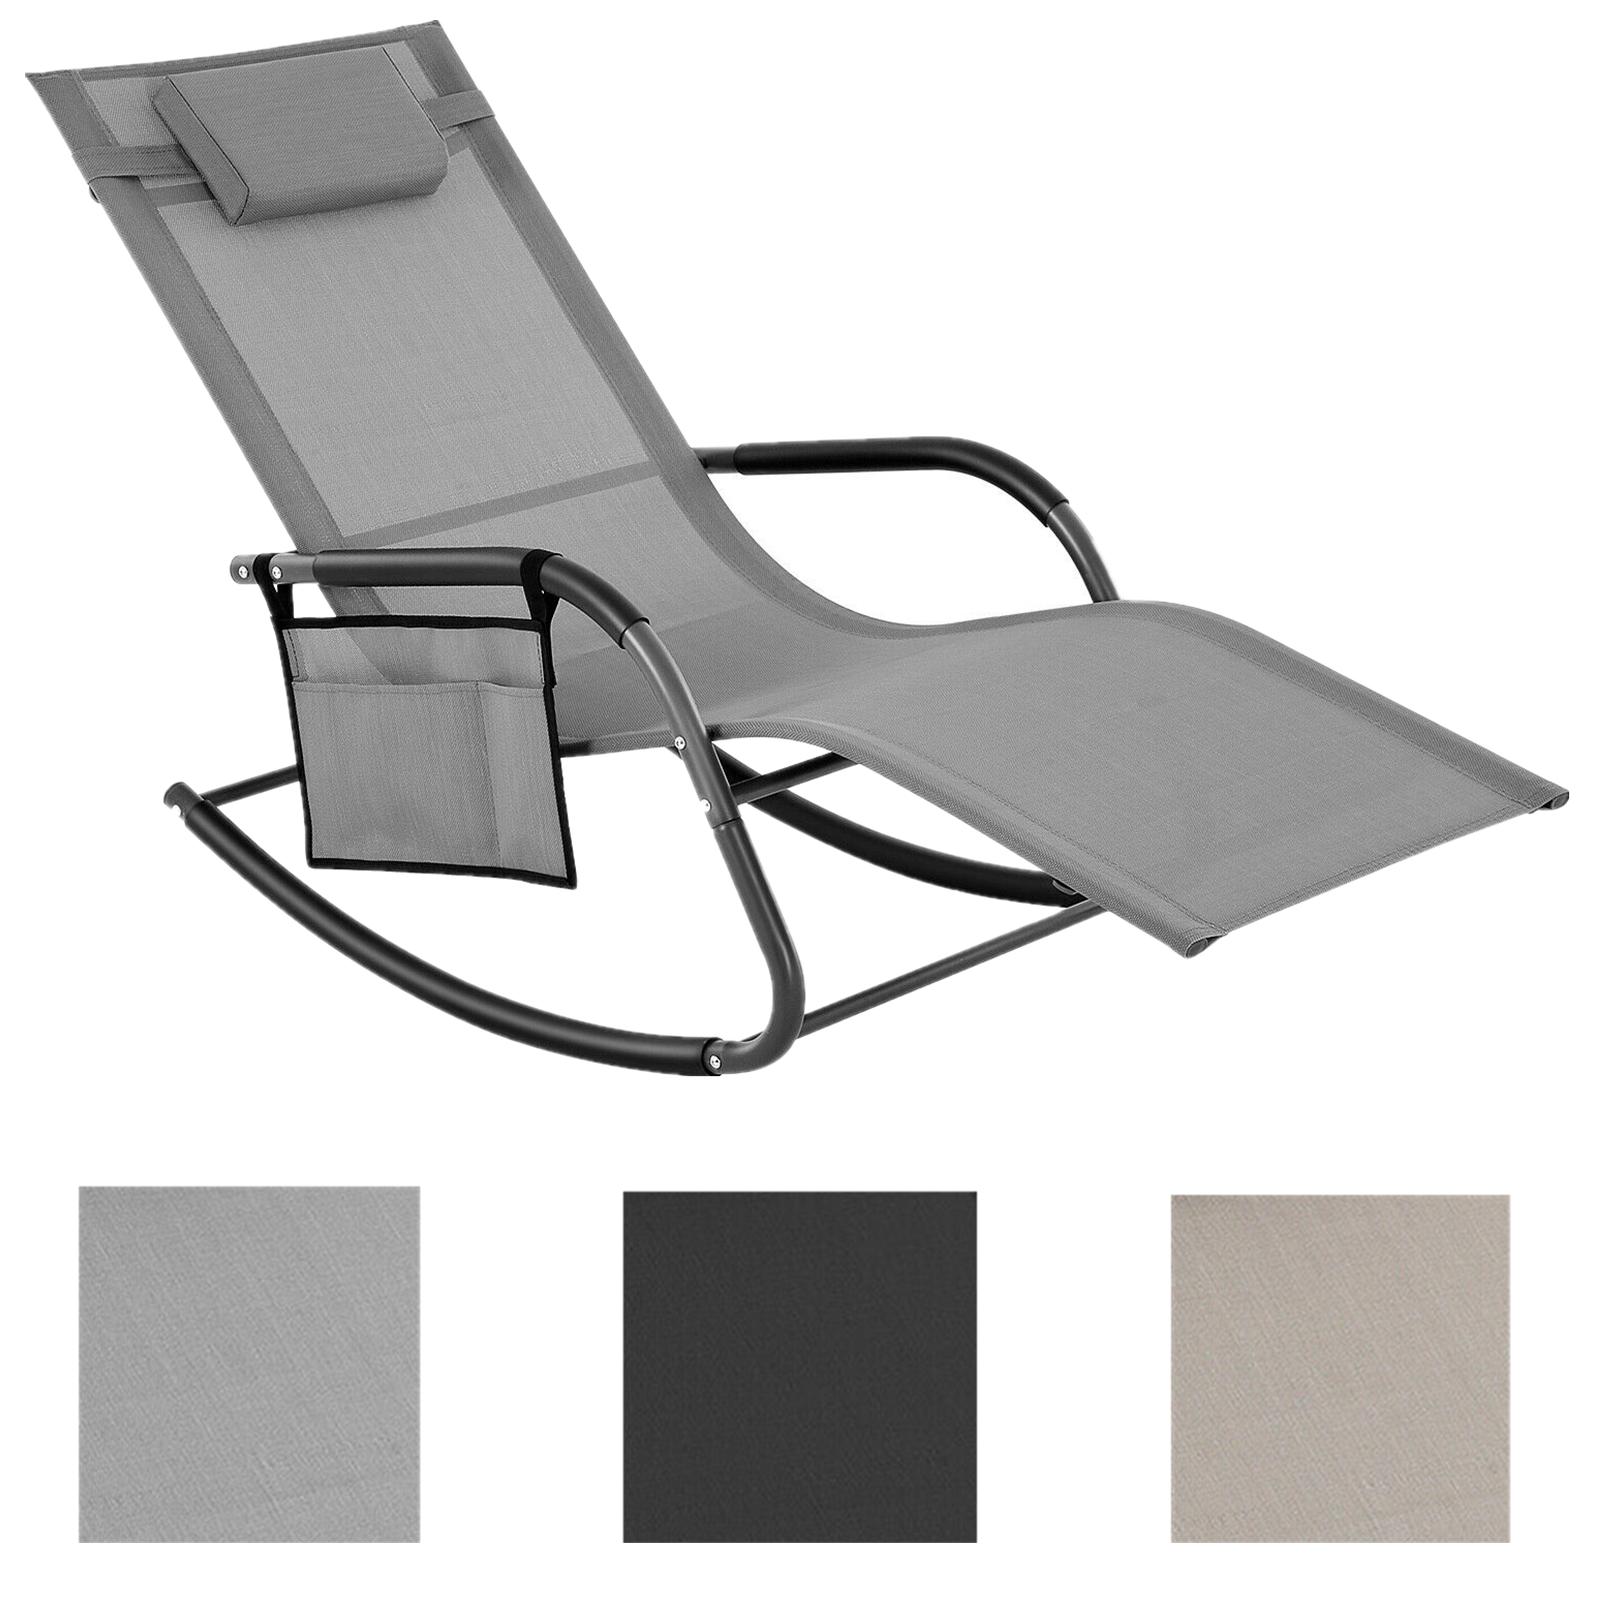 Full Size of Relaxliege Verstellbar Sonnenliege Schaukelstuhl Liegestuhl Gartenliege Garten Wohnzimmer Sofa Mit Verstellbarer Sitztiefe Wohnzimmer Relaxliege Verstellbar